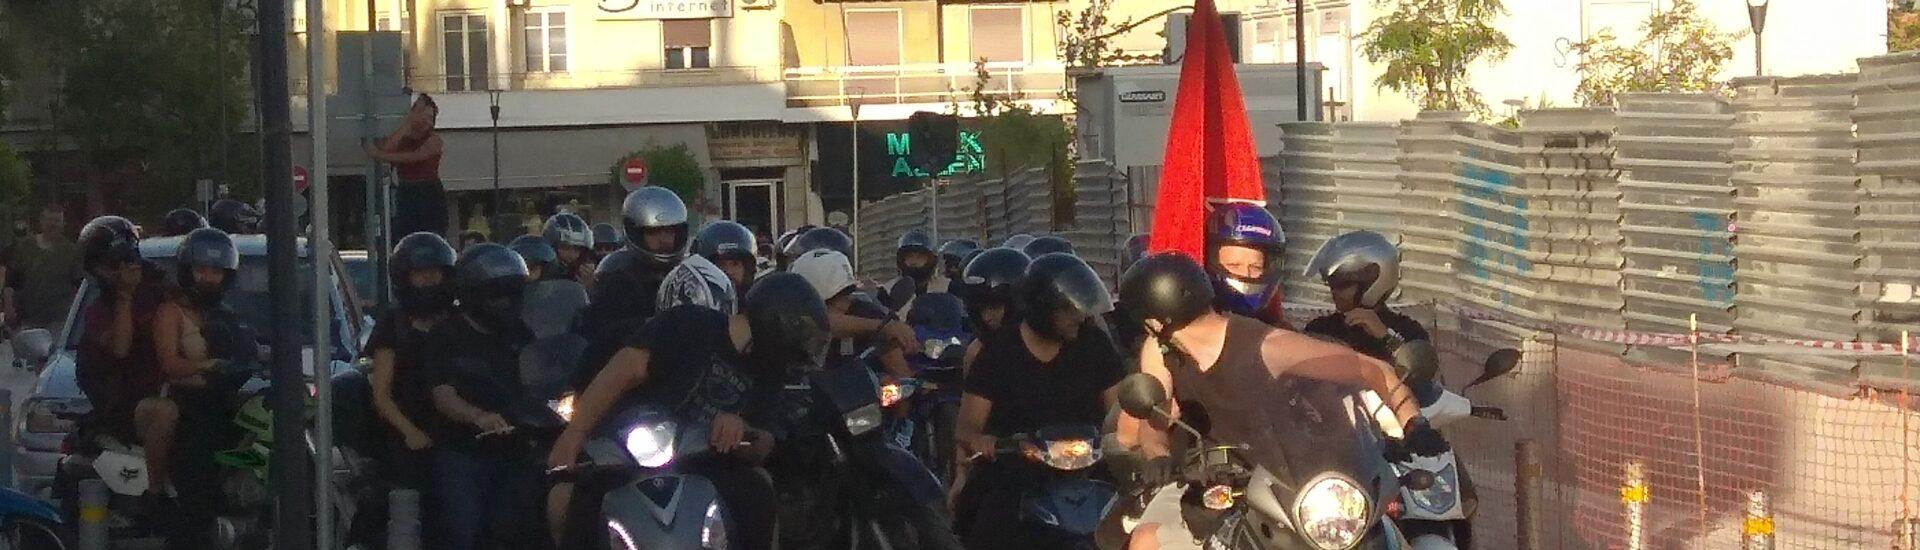 Μοτοπορεία καταδίκης της αστυνομικής βίας στον Κορυδαλλό